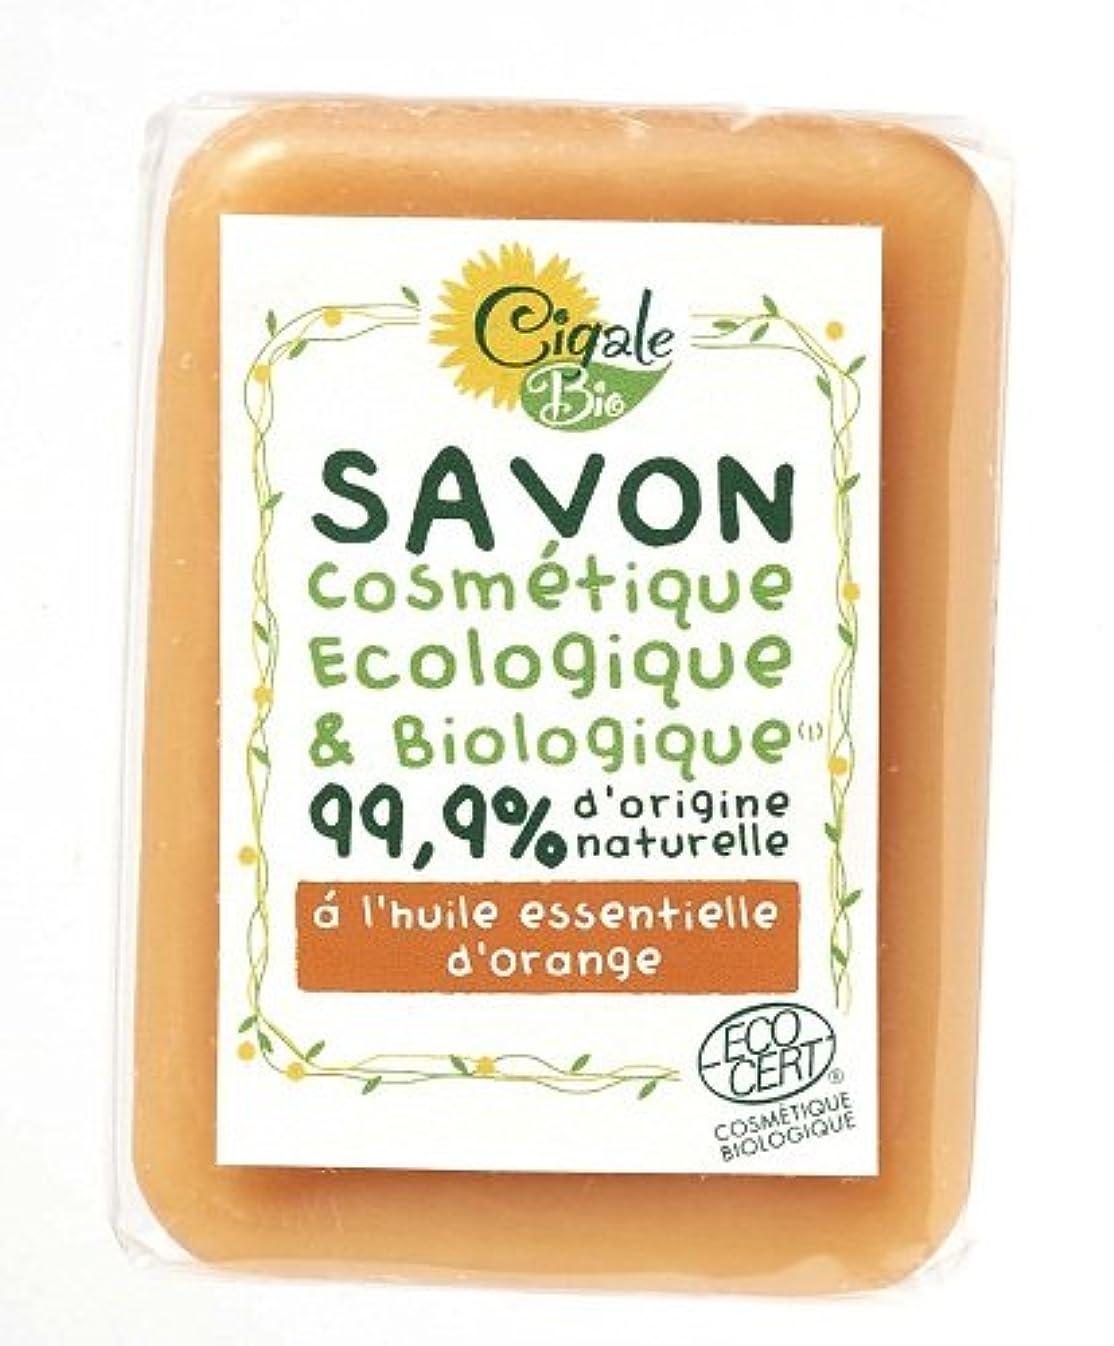 望む立派なばかげているシガールビオ オーガニックソープ オレンジ